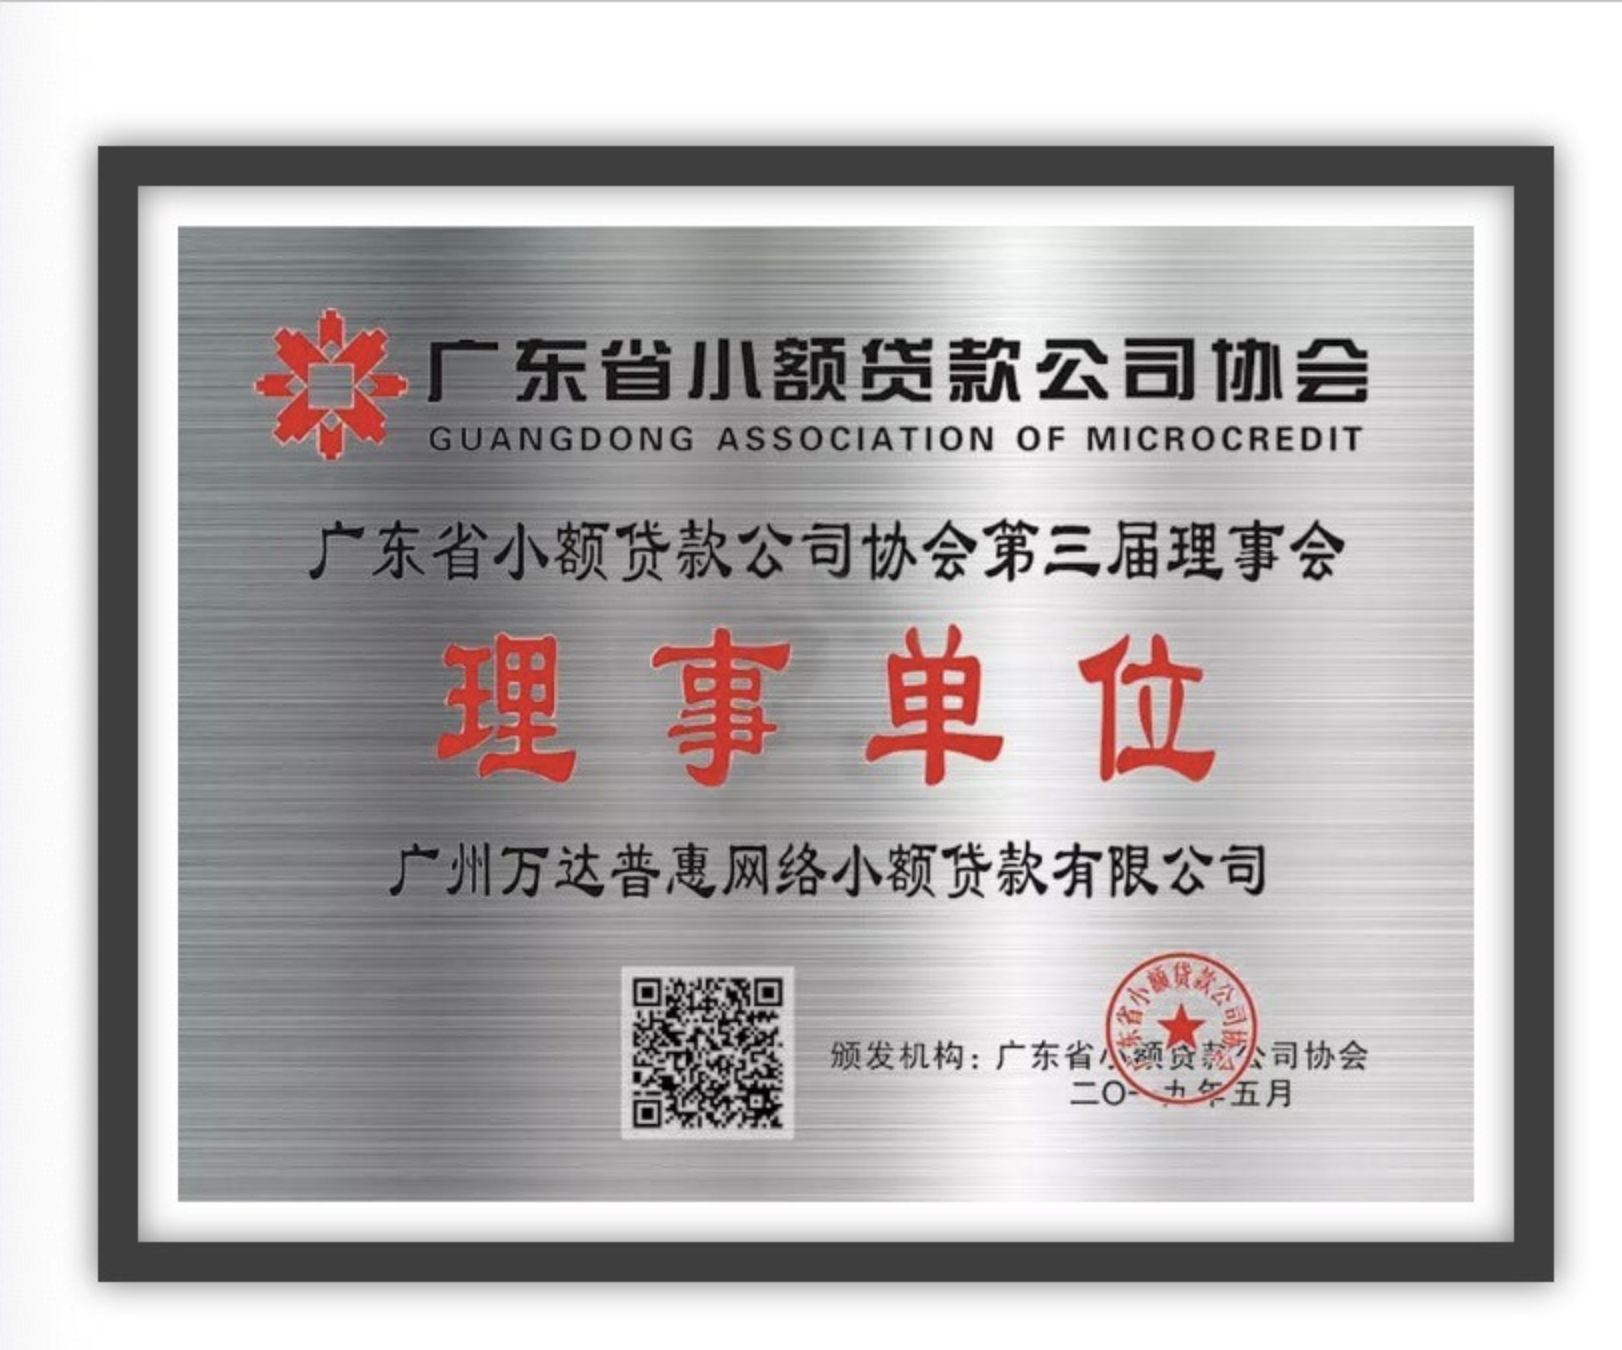 万达普惠成为广东省小贷协会理事单位